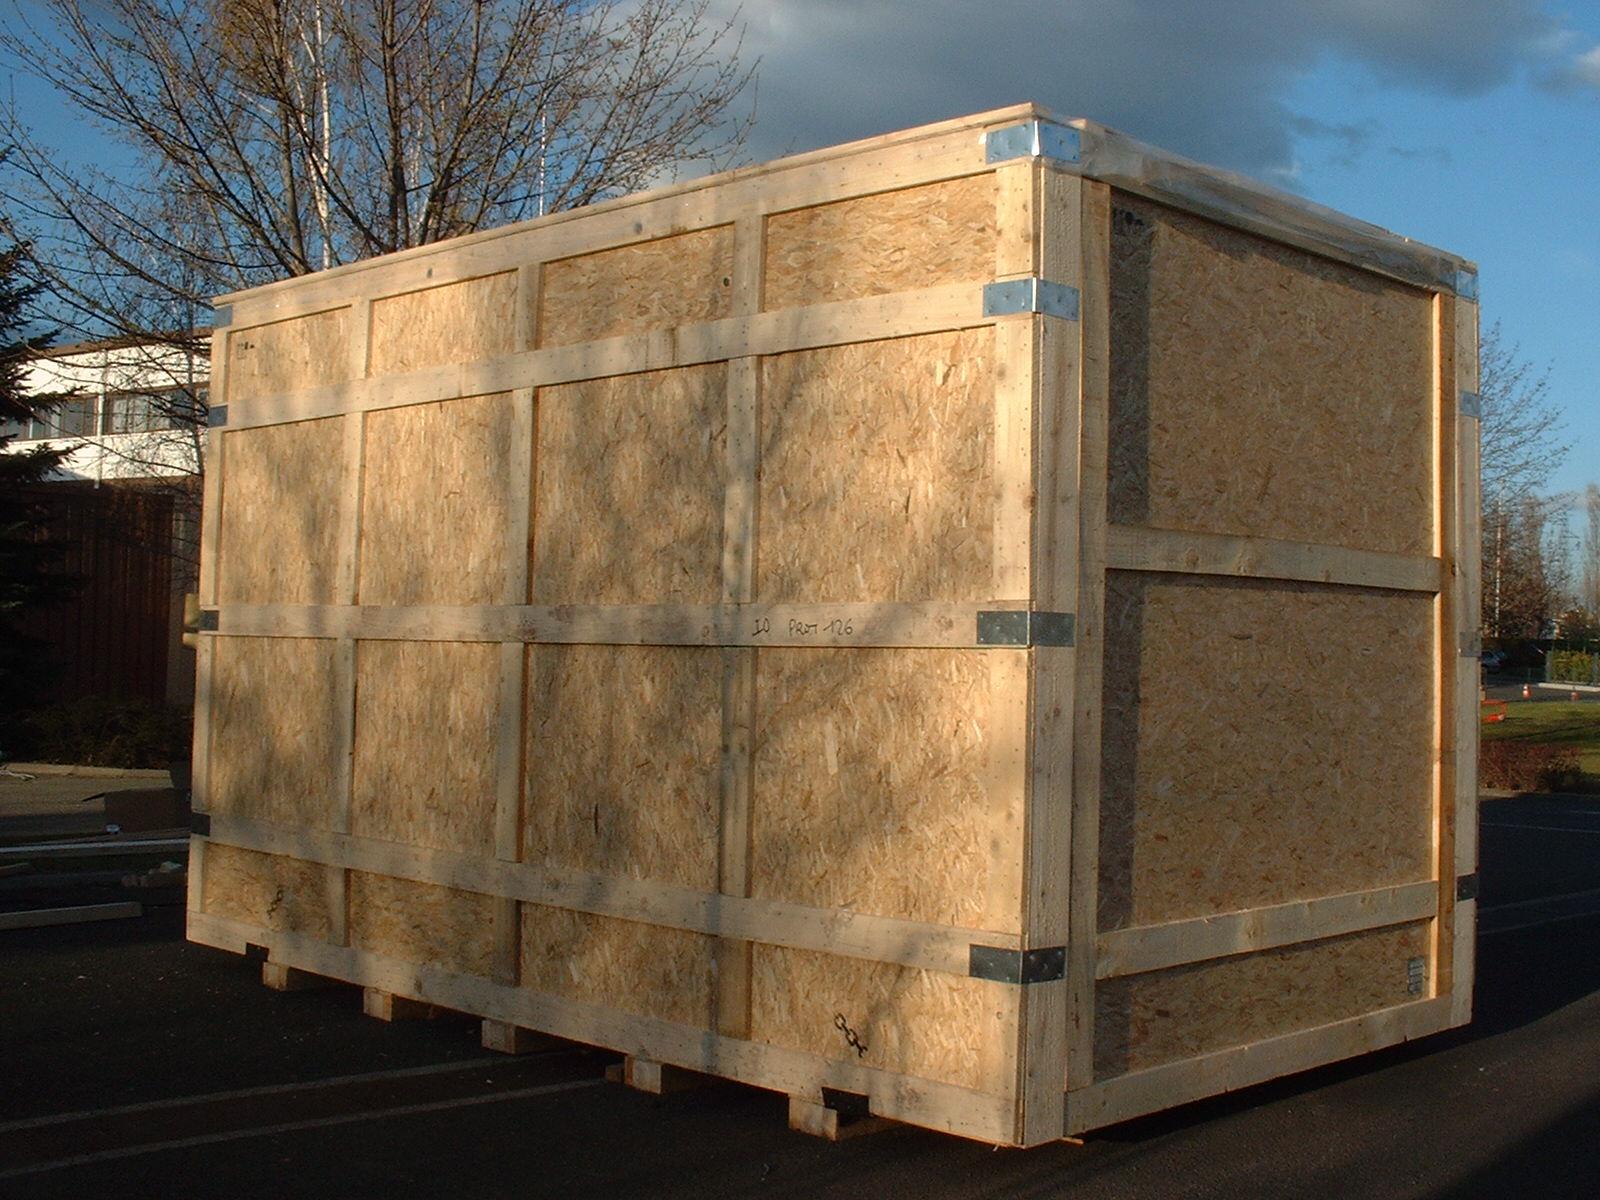 Préparation d'emballage catégorie 4C - lagreulet emballage (8)